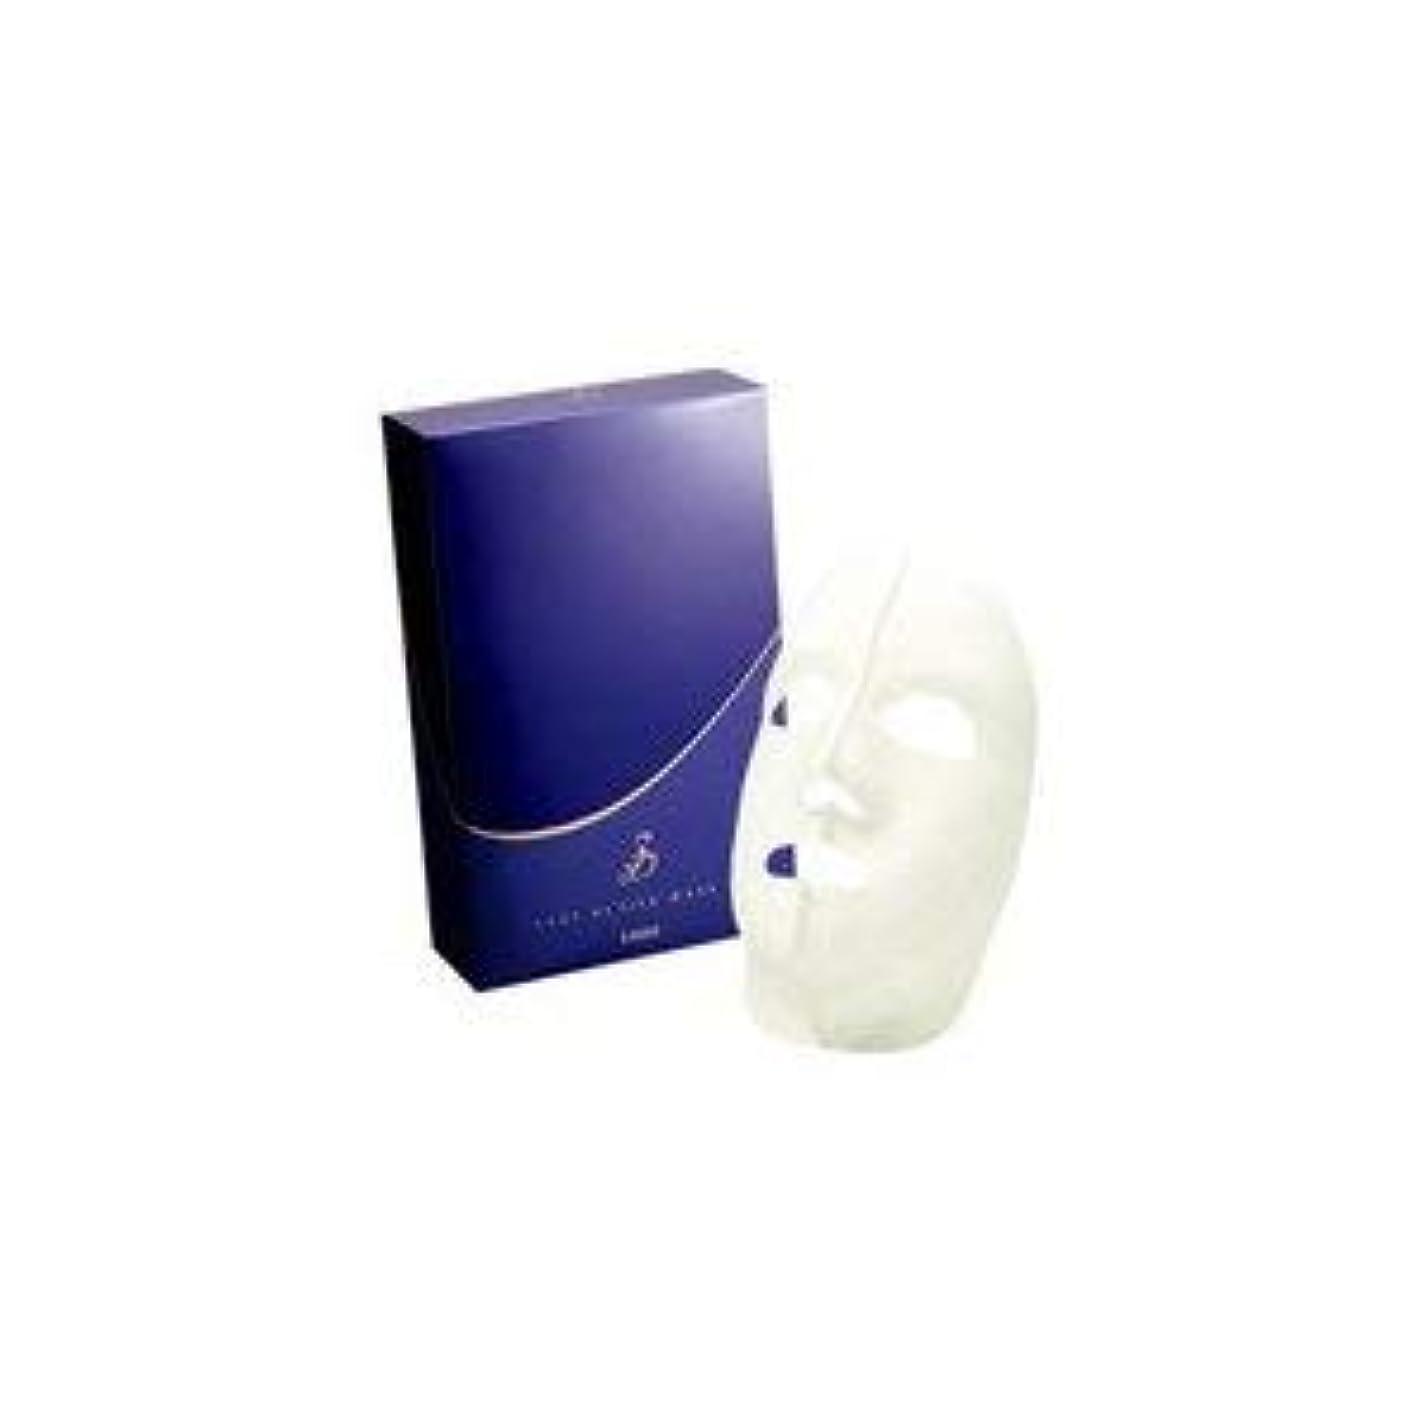 パトワ金額爆弾ダイアナ ディアナージュ 3D ファストアクティブマスク Ⅱ 30ml×6枚入り Diana